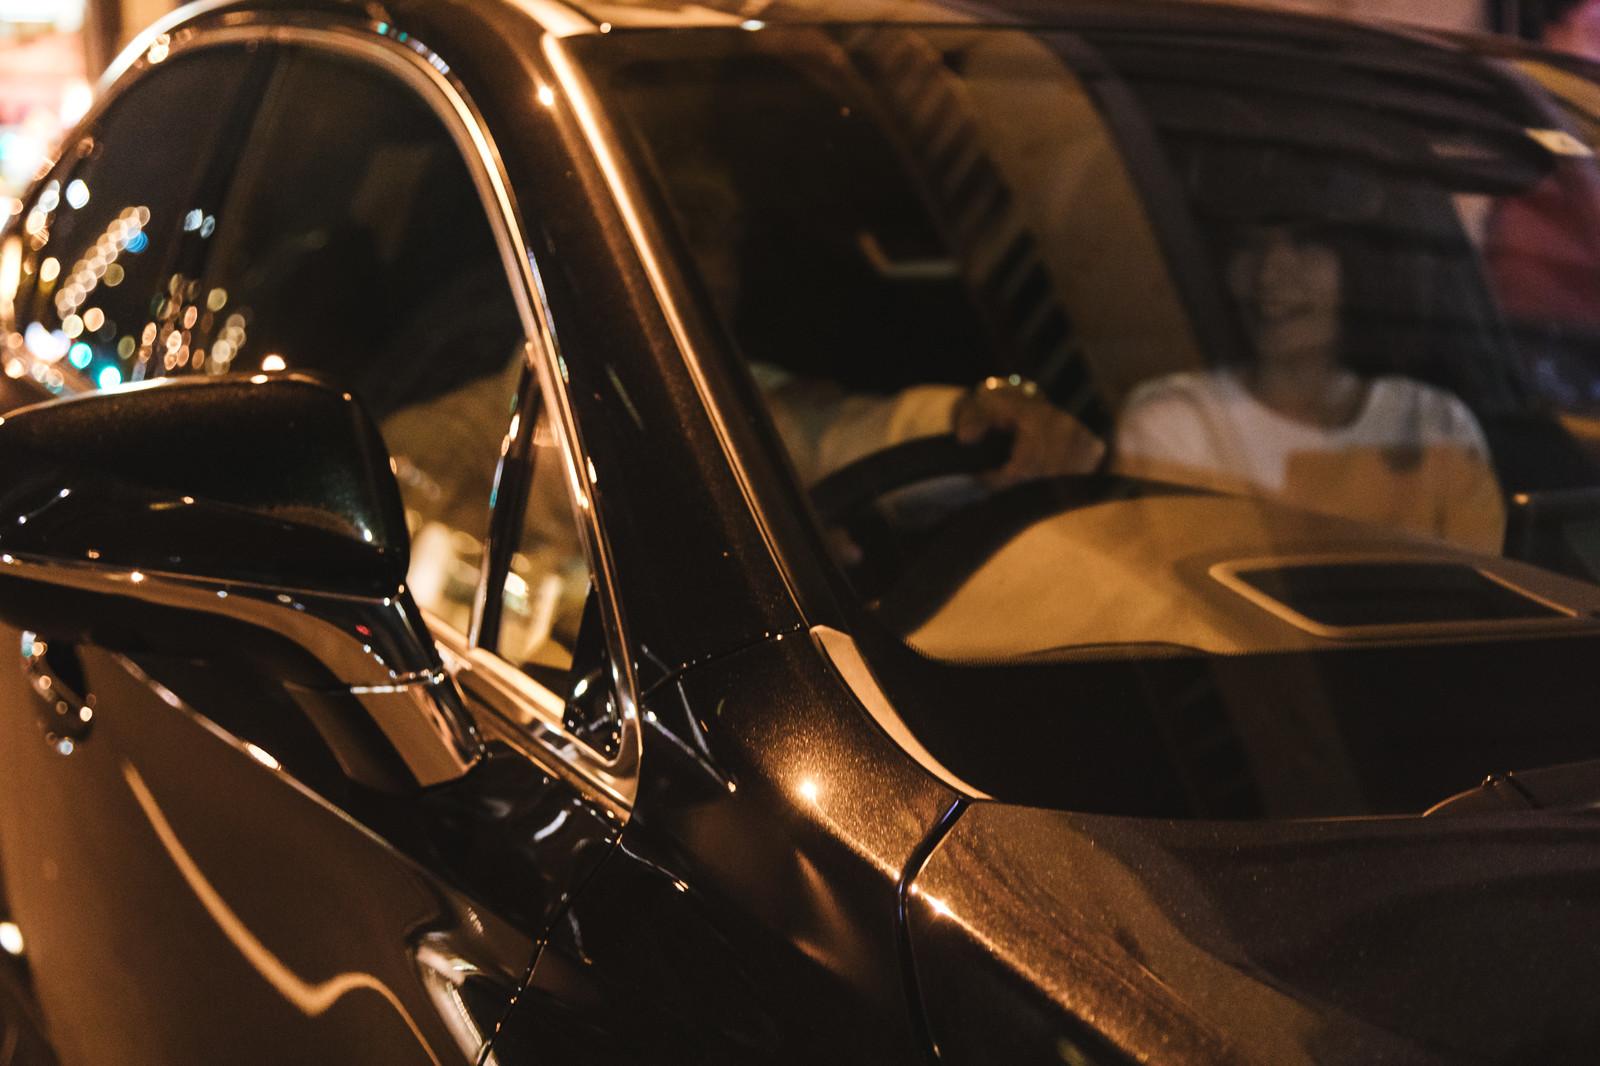 モテたい男性は、タイムズのカーシェアをデートに使いまくろう!